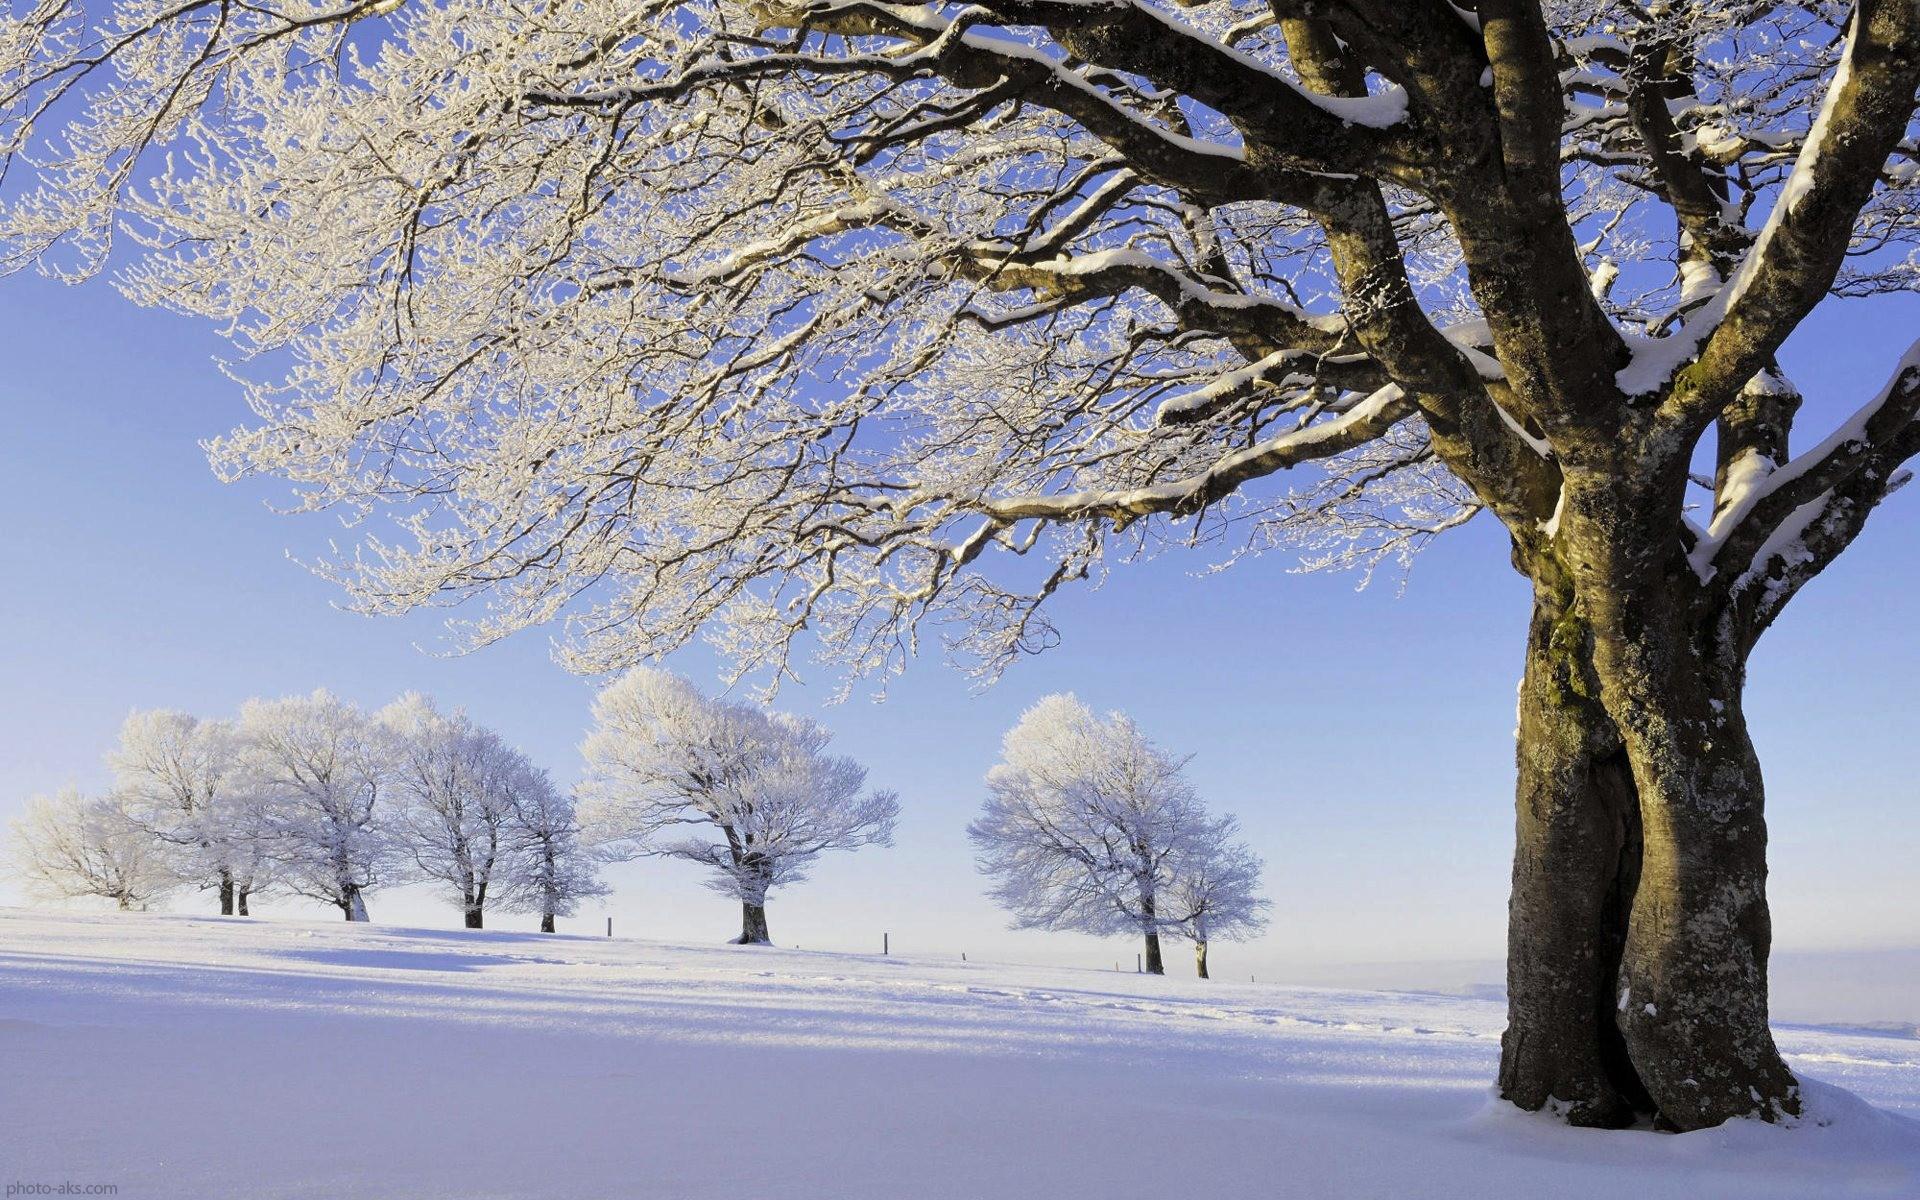 عکس های زیبا فصل زمستان